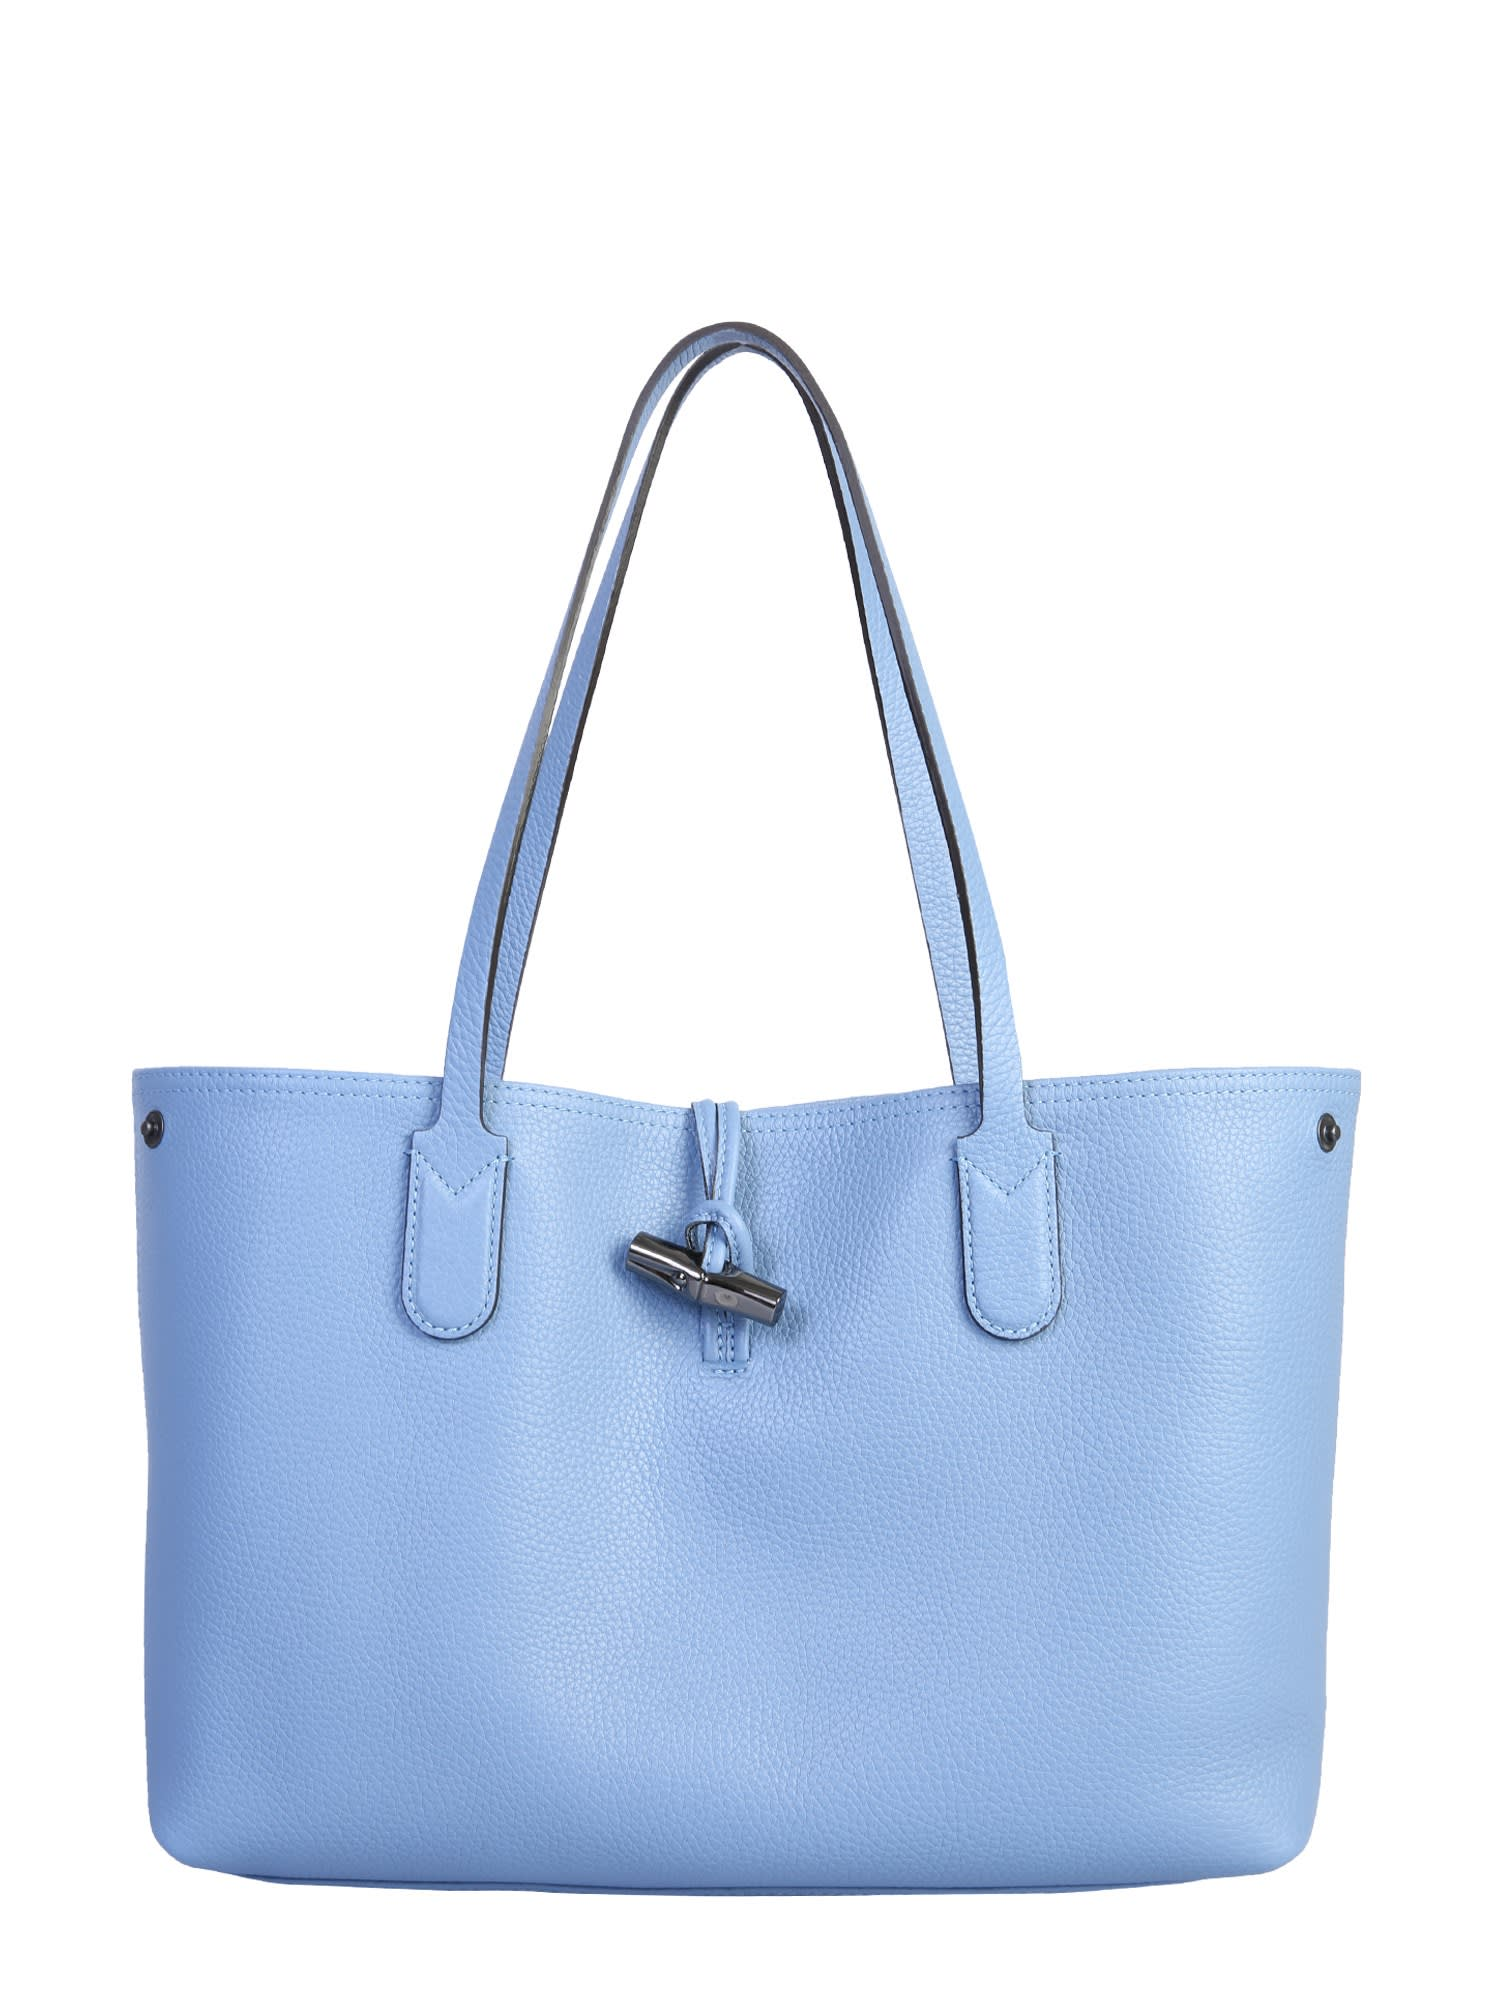 Longchamp Shoulder Bag